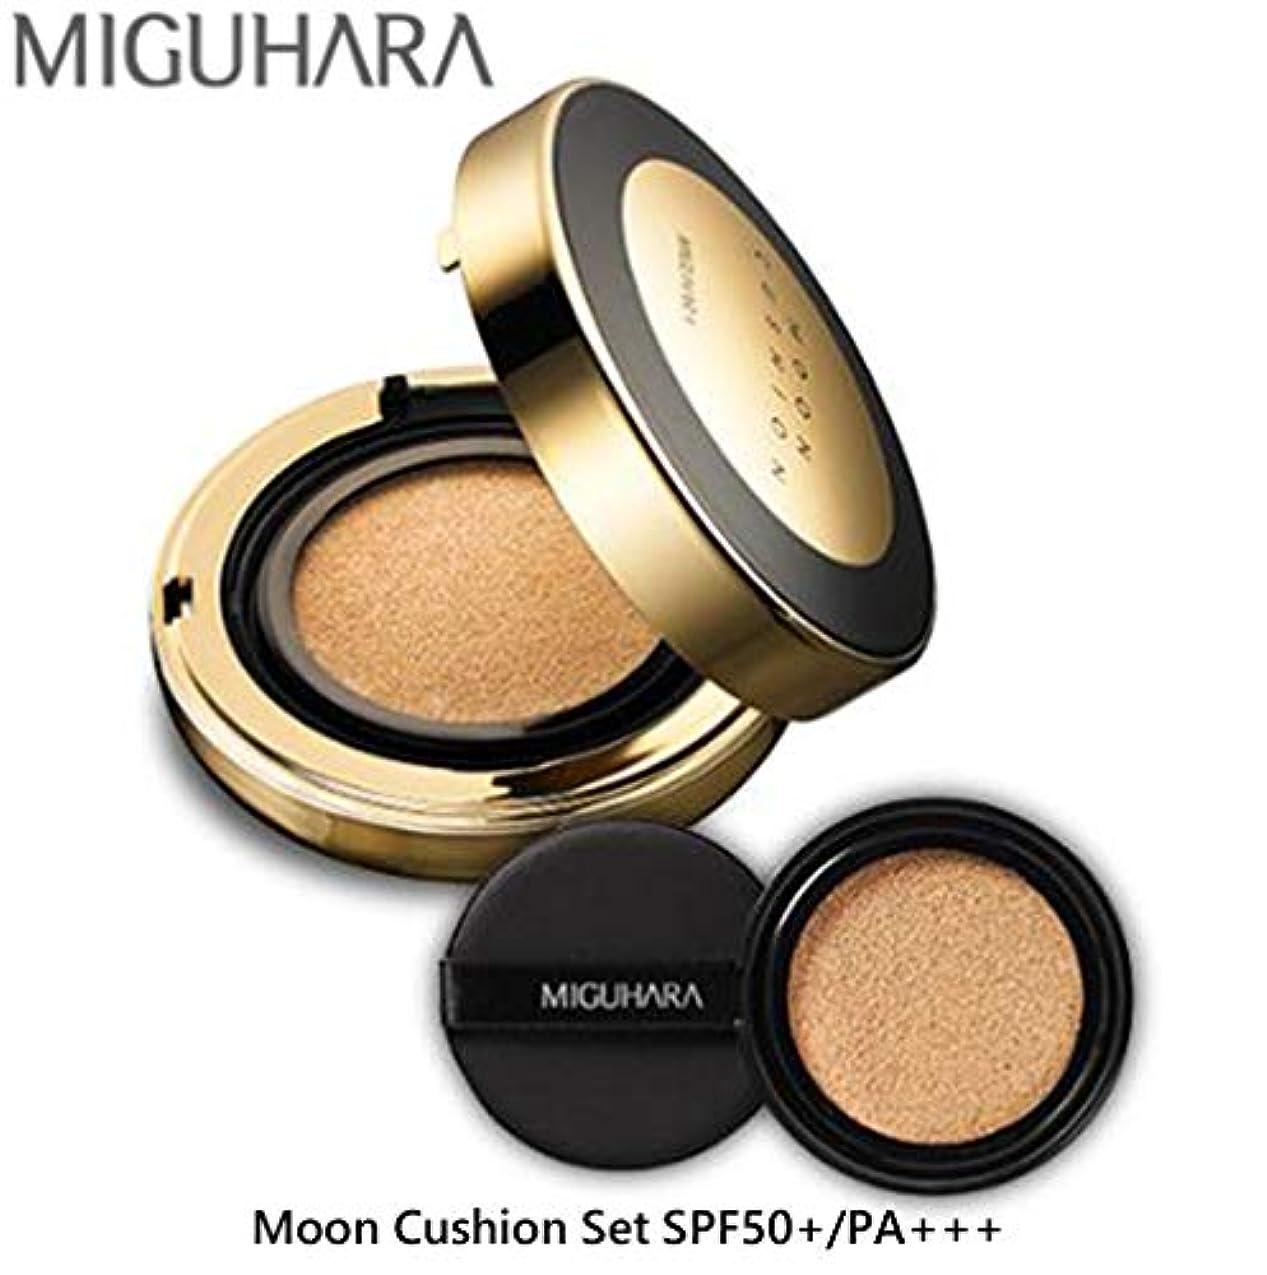 完全に制裁水平MIGUHARA Moon Cushion Set SPF50+/PA+++ (14g+14g)